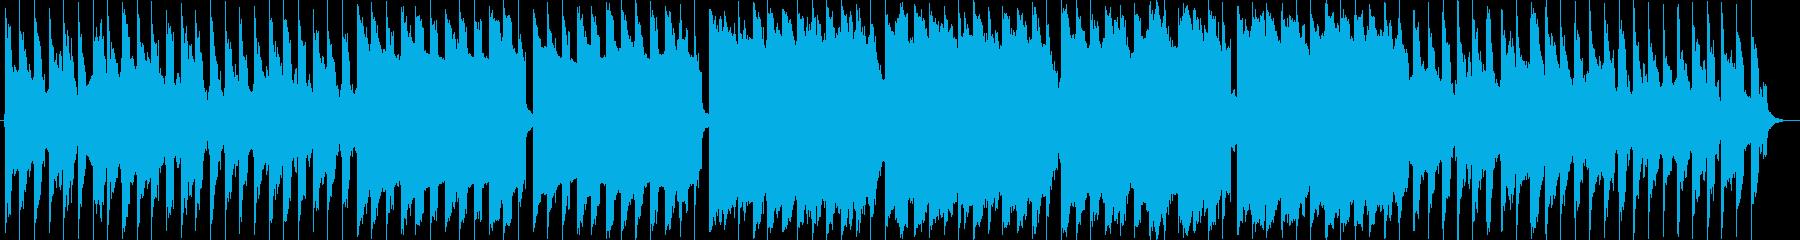 童謡「背くらべ」シンプルなアレンジの再生済みの波形